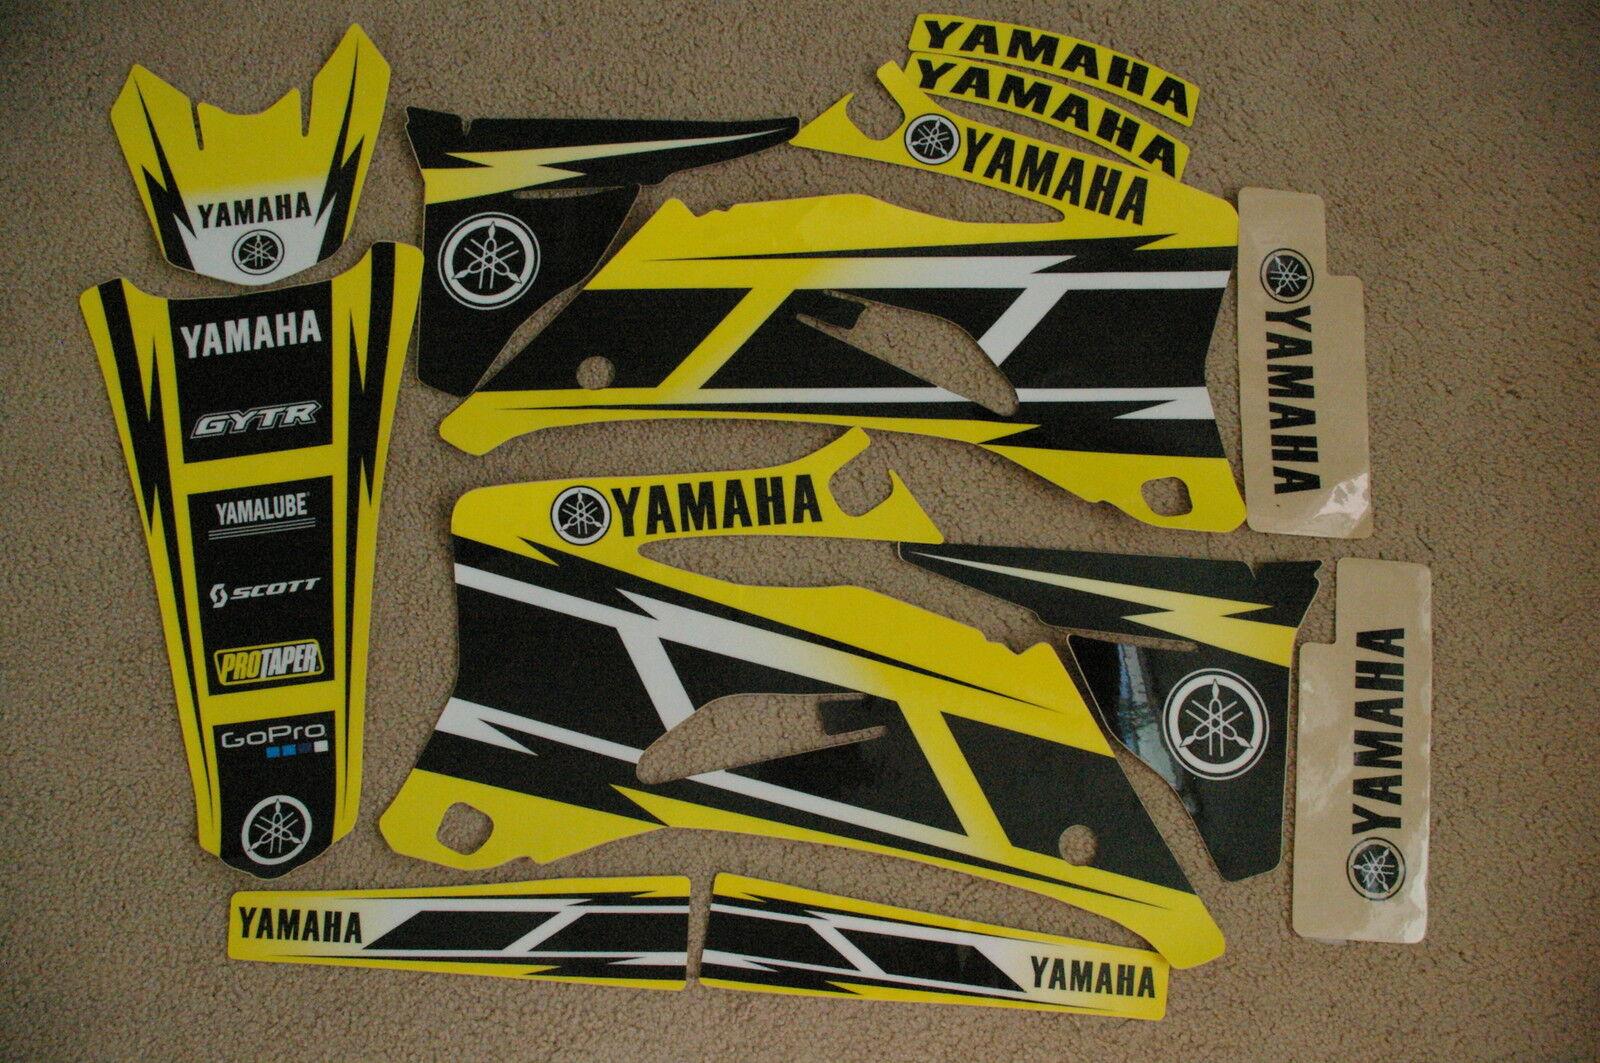 YAMAHA HURRICANE YELLOW  GRAPHICS  YZ250F YZ450F   2006  2007 2008  2009 2